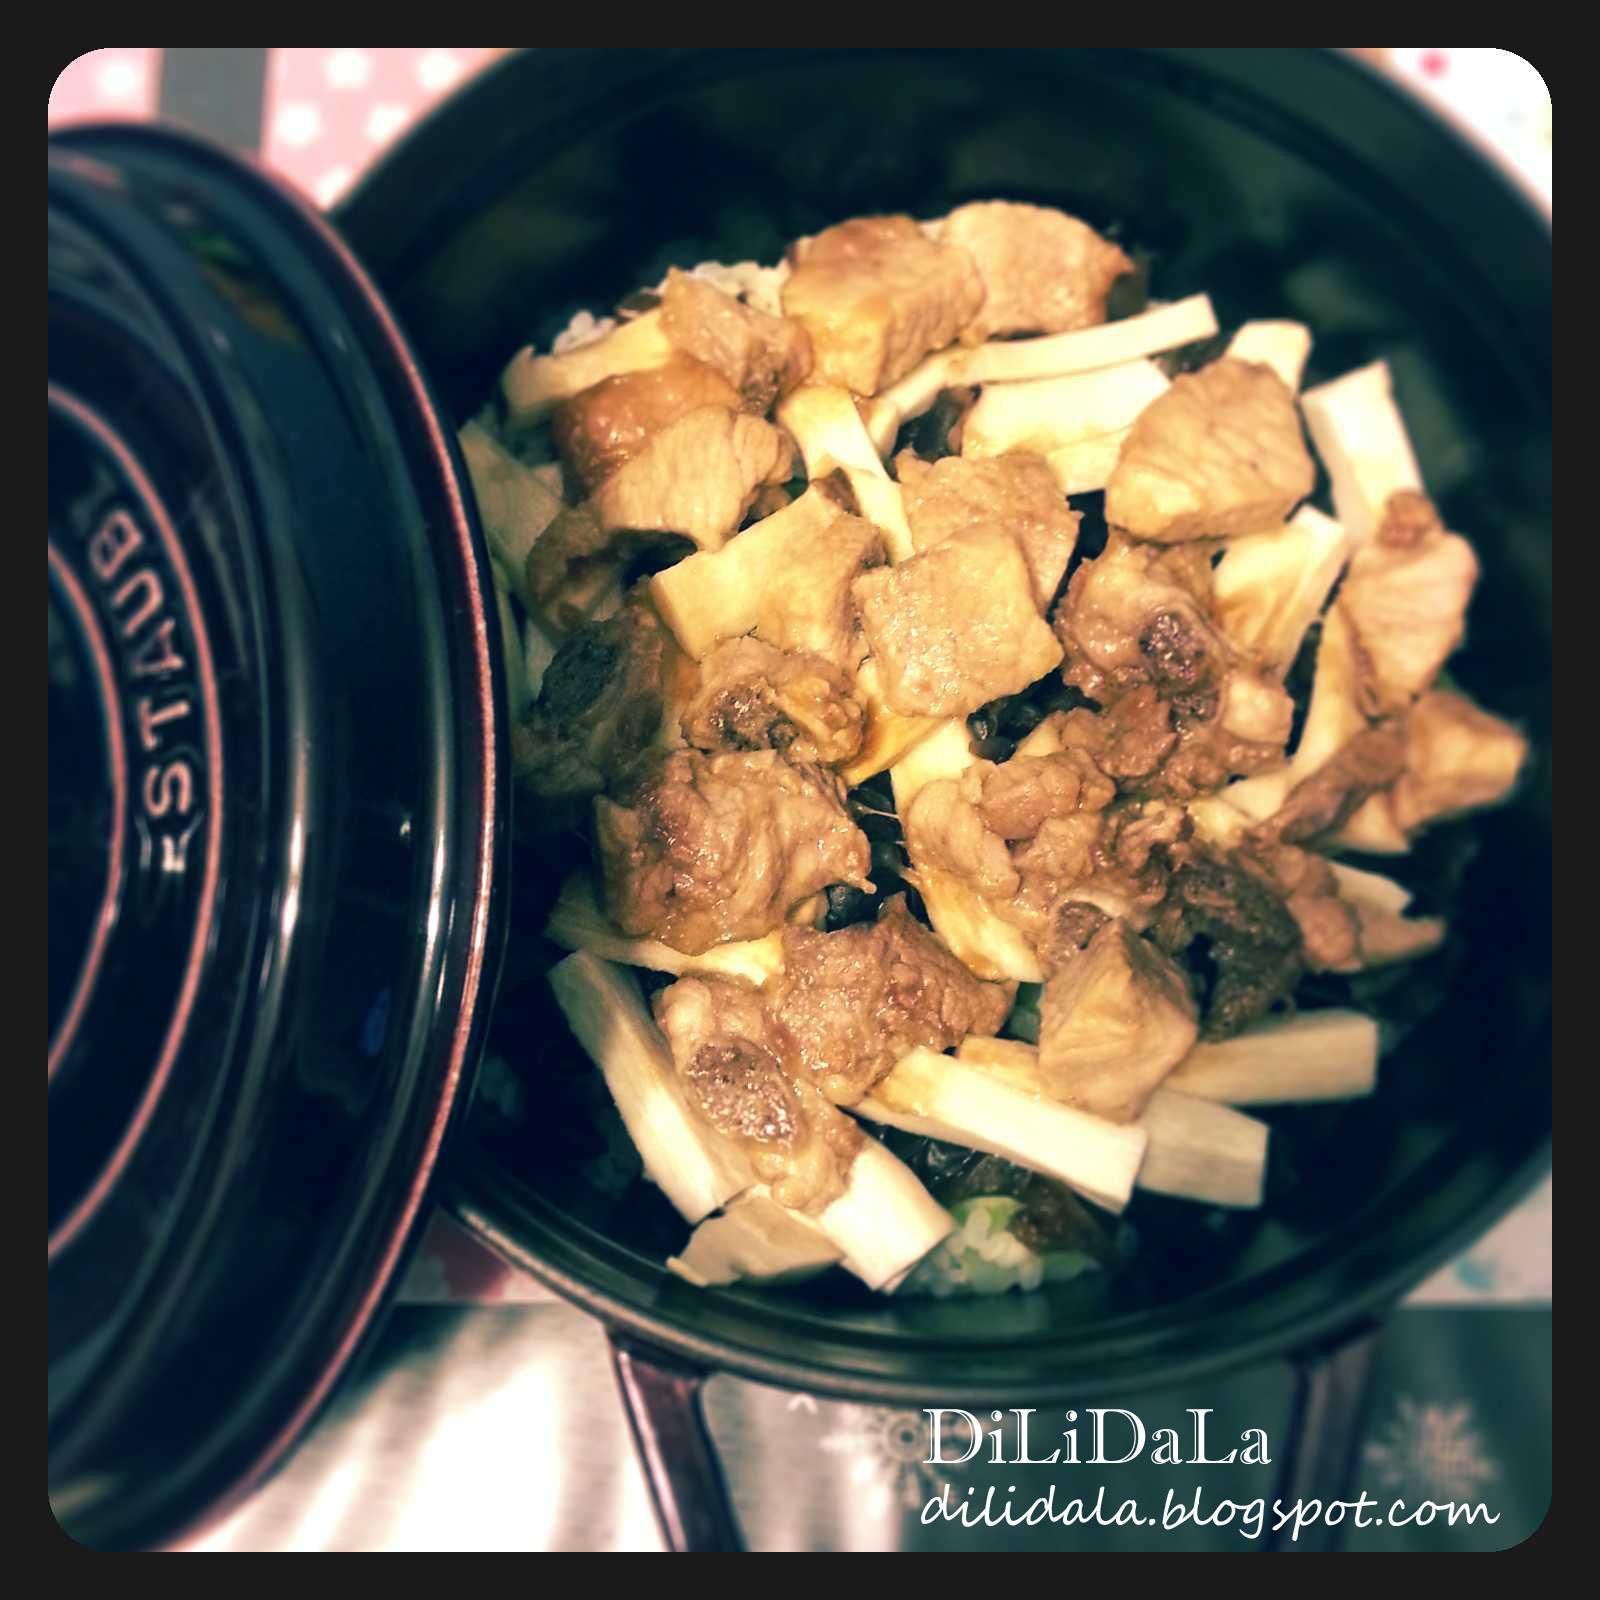 Di Li Da La: 黑木耳排骨雞脾菇煲仔飯